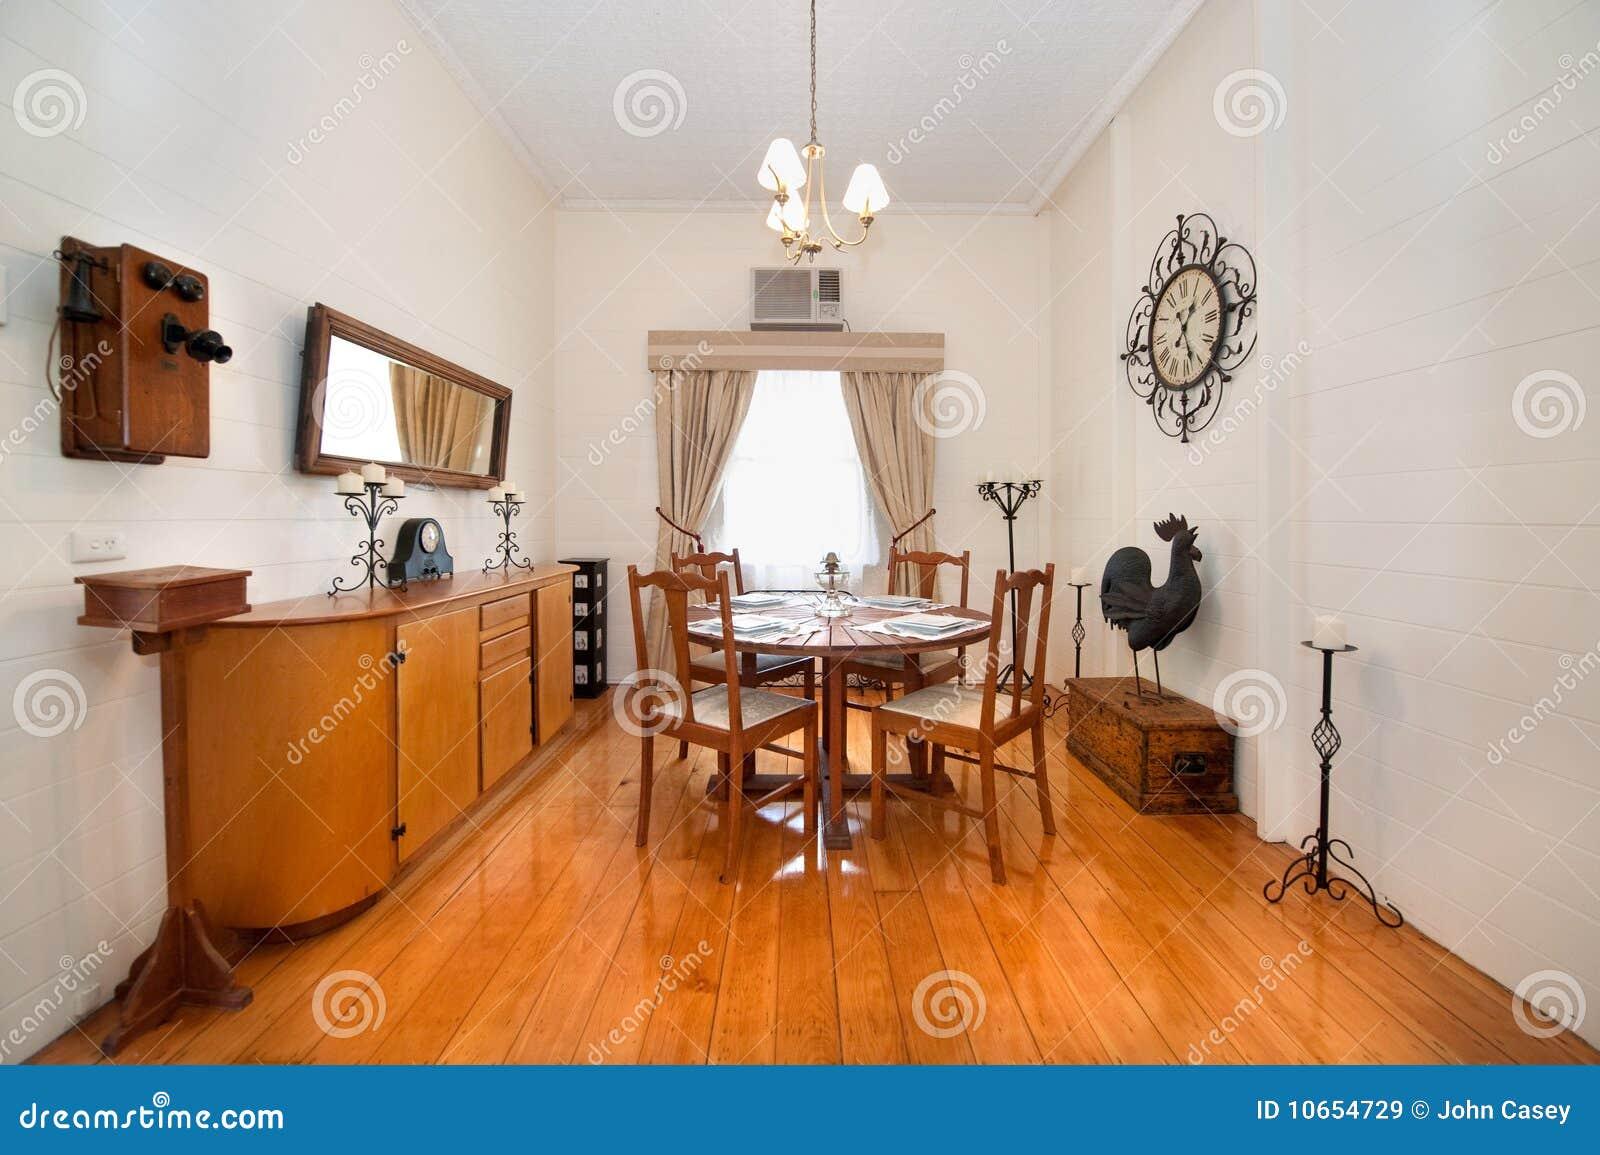 Sala Da Pranzo Classica Di Stile Immagini Stock Libere Da Diritti  #B25103 1300 955 Sala Da Pranzo Classica